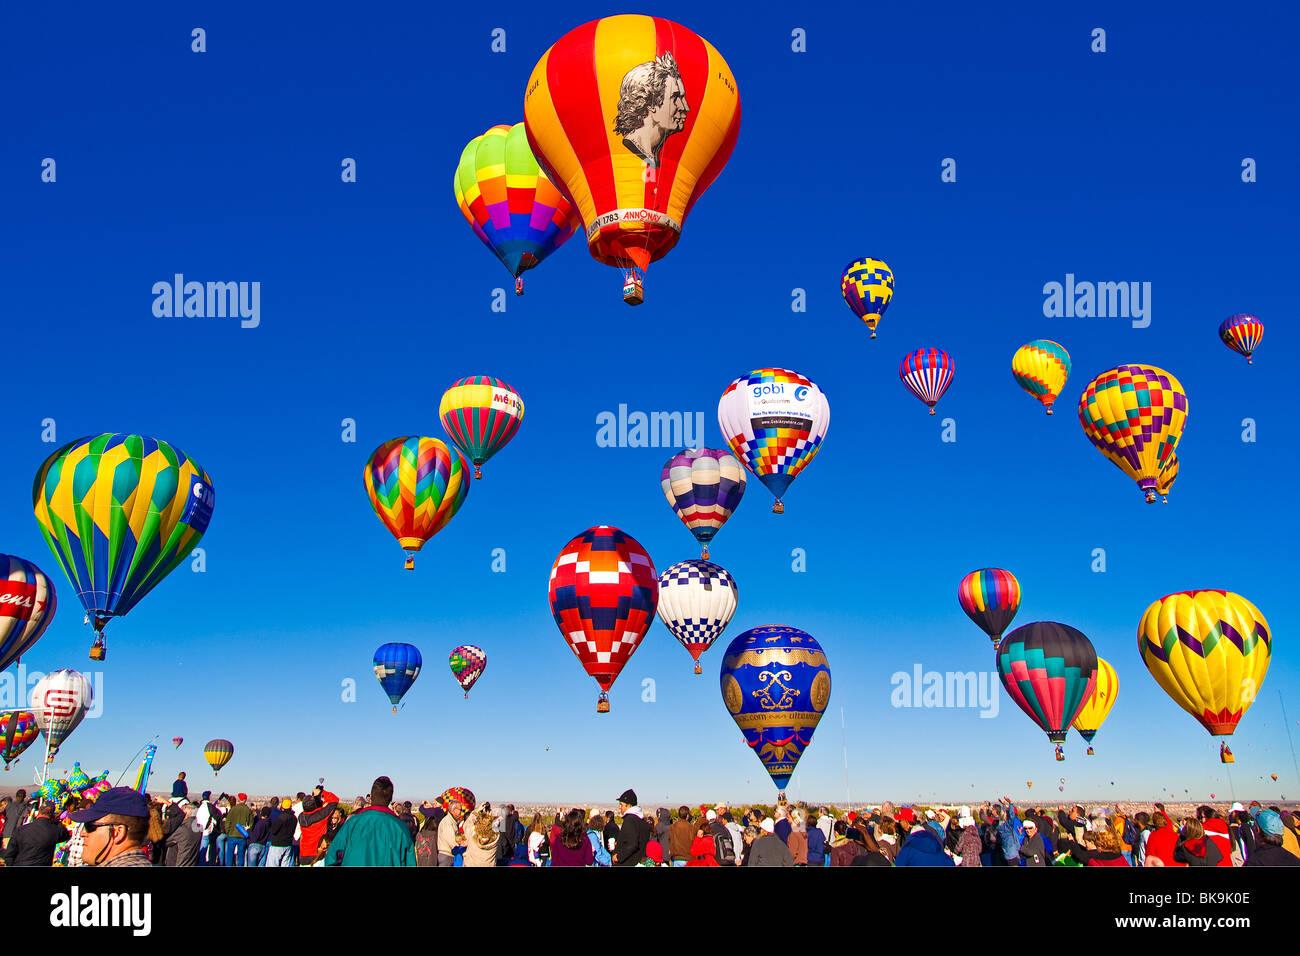 Rising Balloons- Hot Air Balloon Fiesta Albuquerque New Mexico Stock Photo